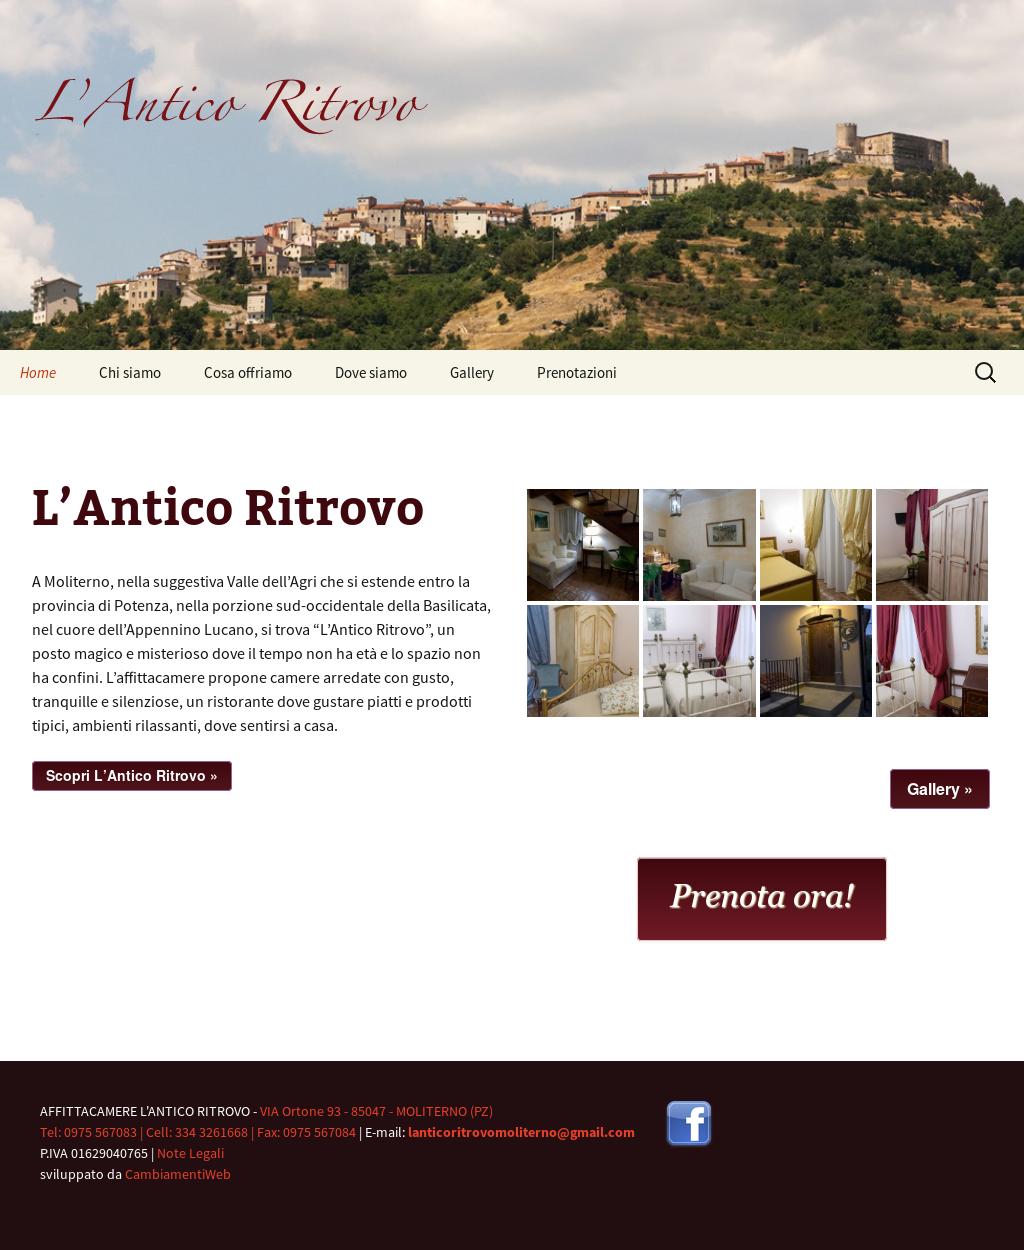 Case Arredate Con Gusto l'antico ritrovo competitors, revenue and employees - owler